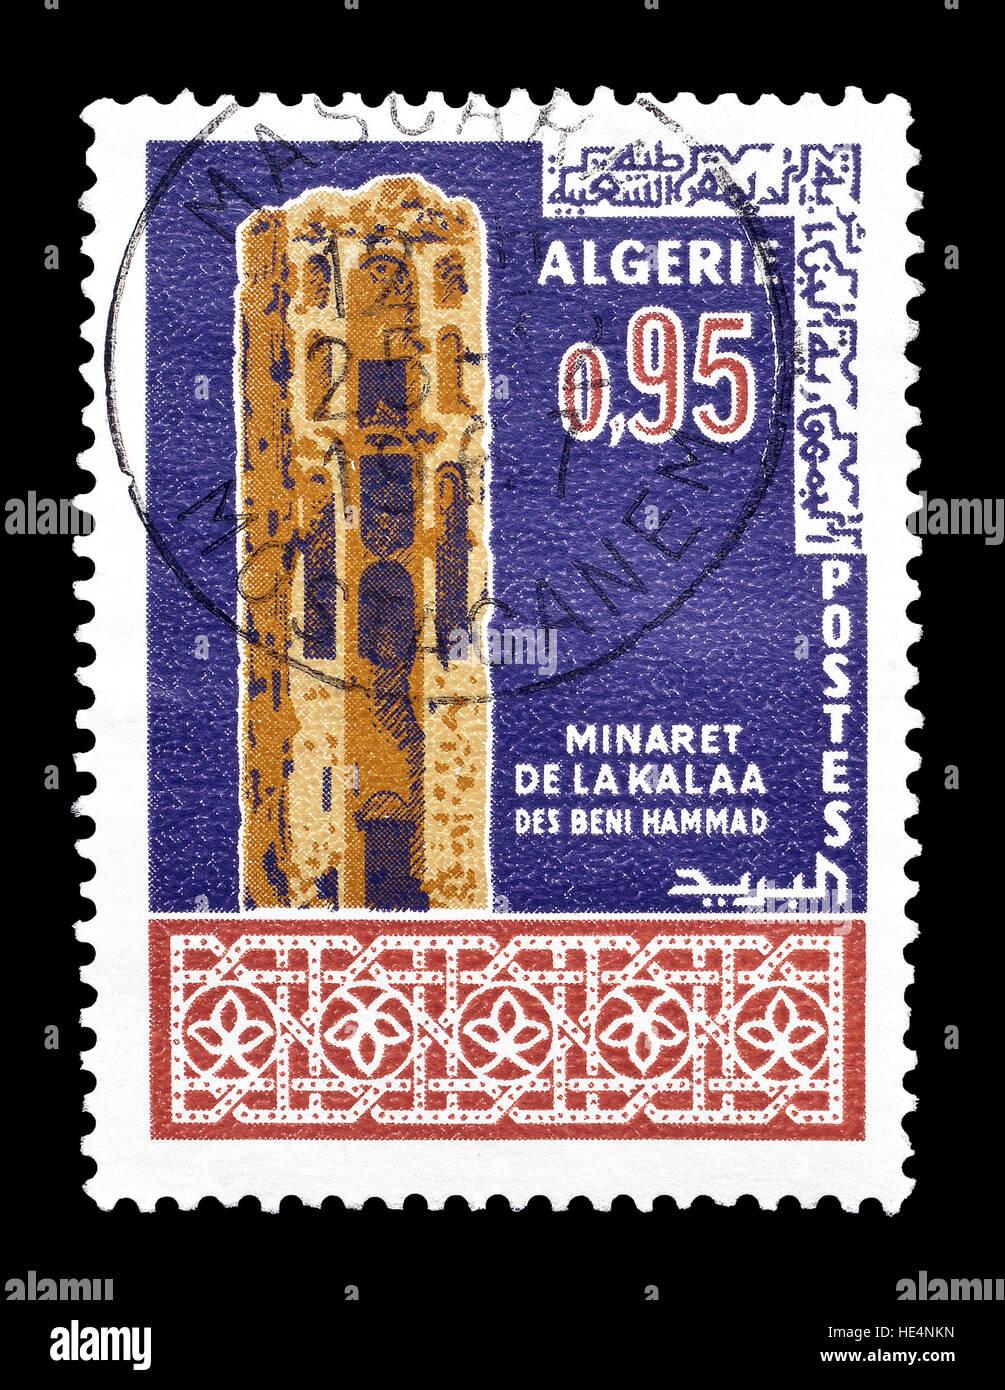 Algeria 1967 Immagini Stock